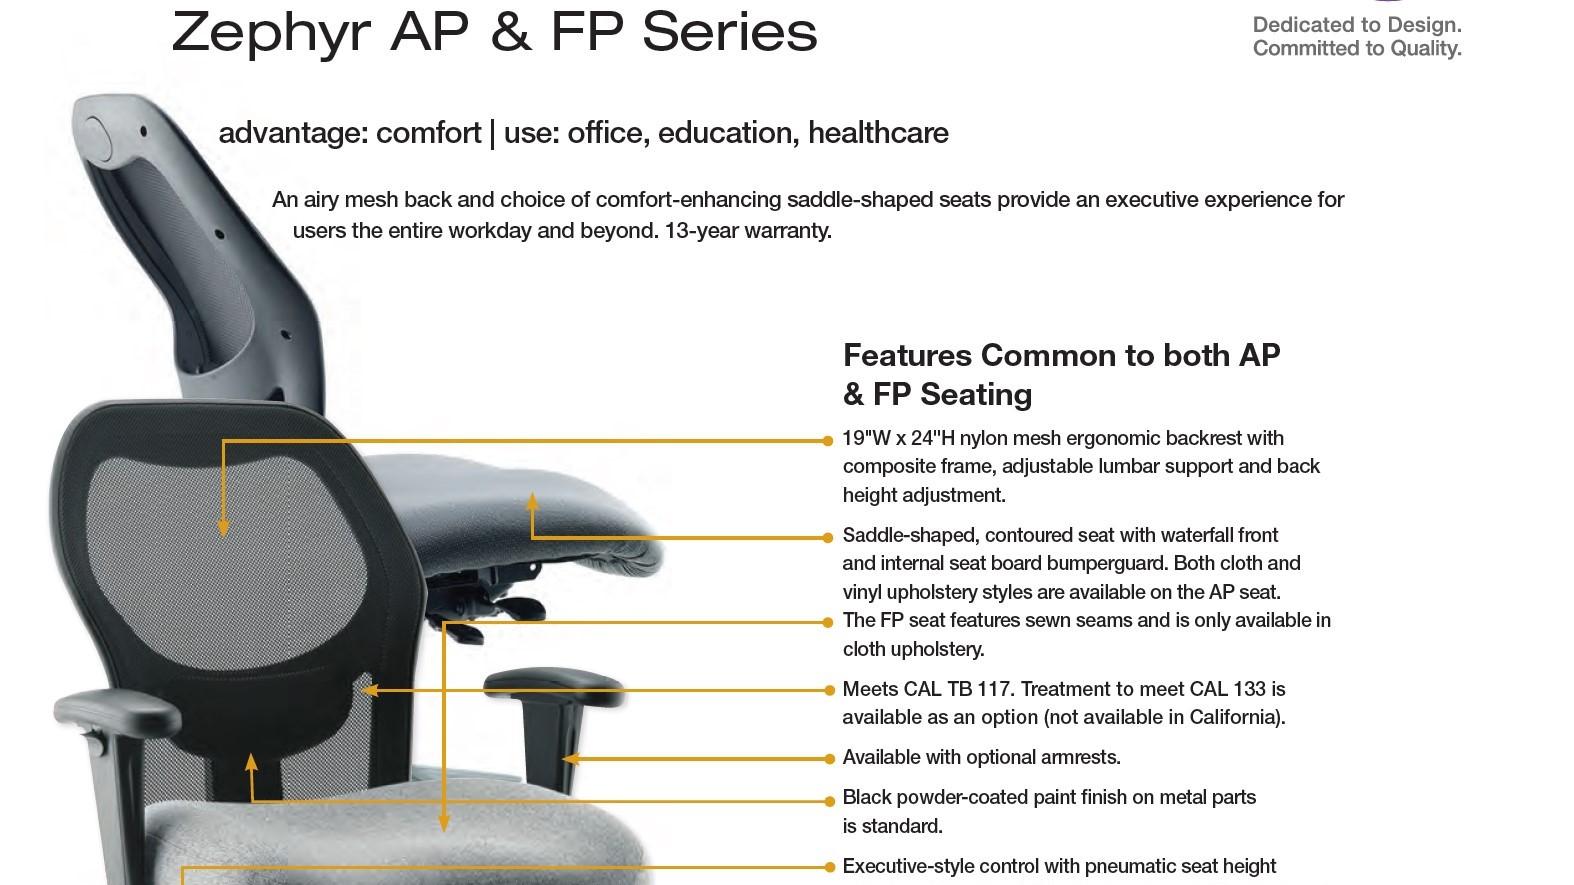 Brochure-Biofit Zephyr Seat Series